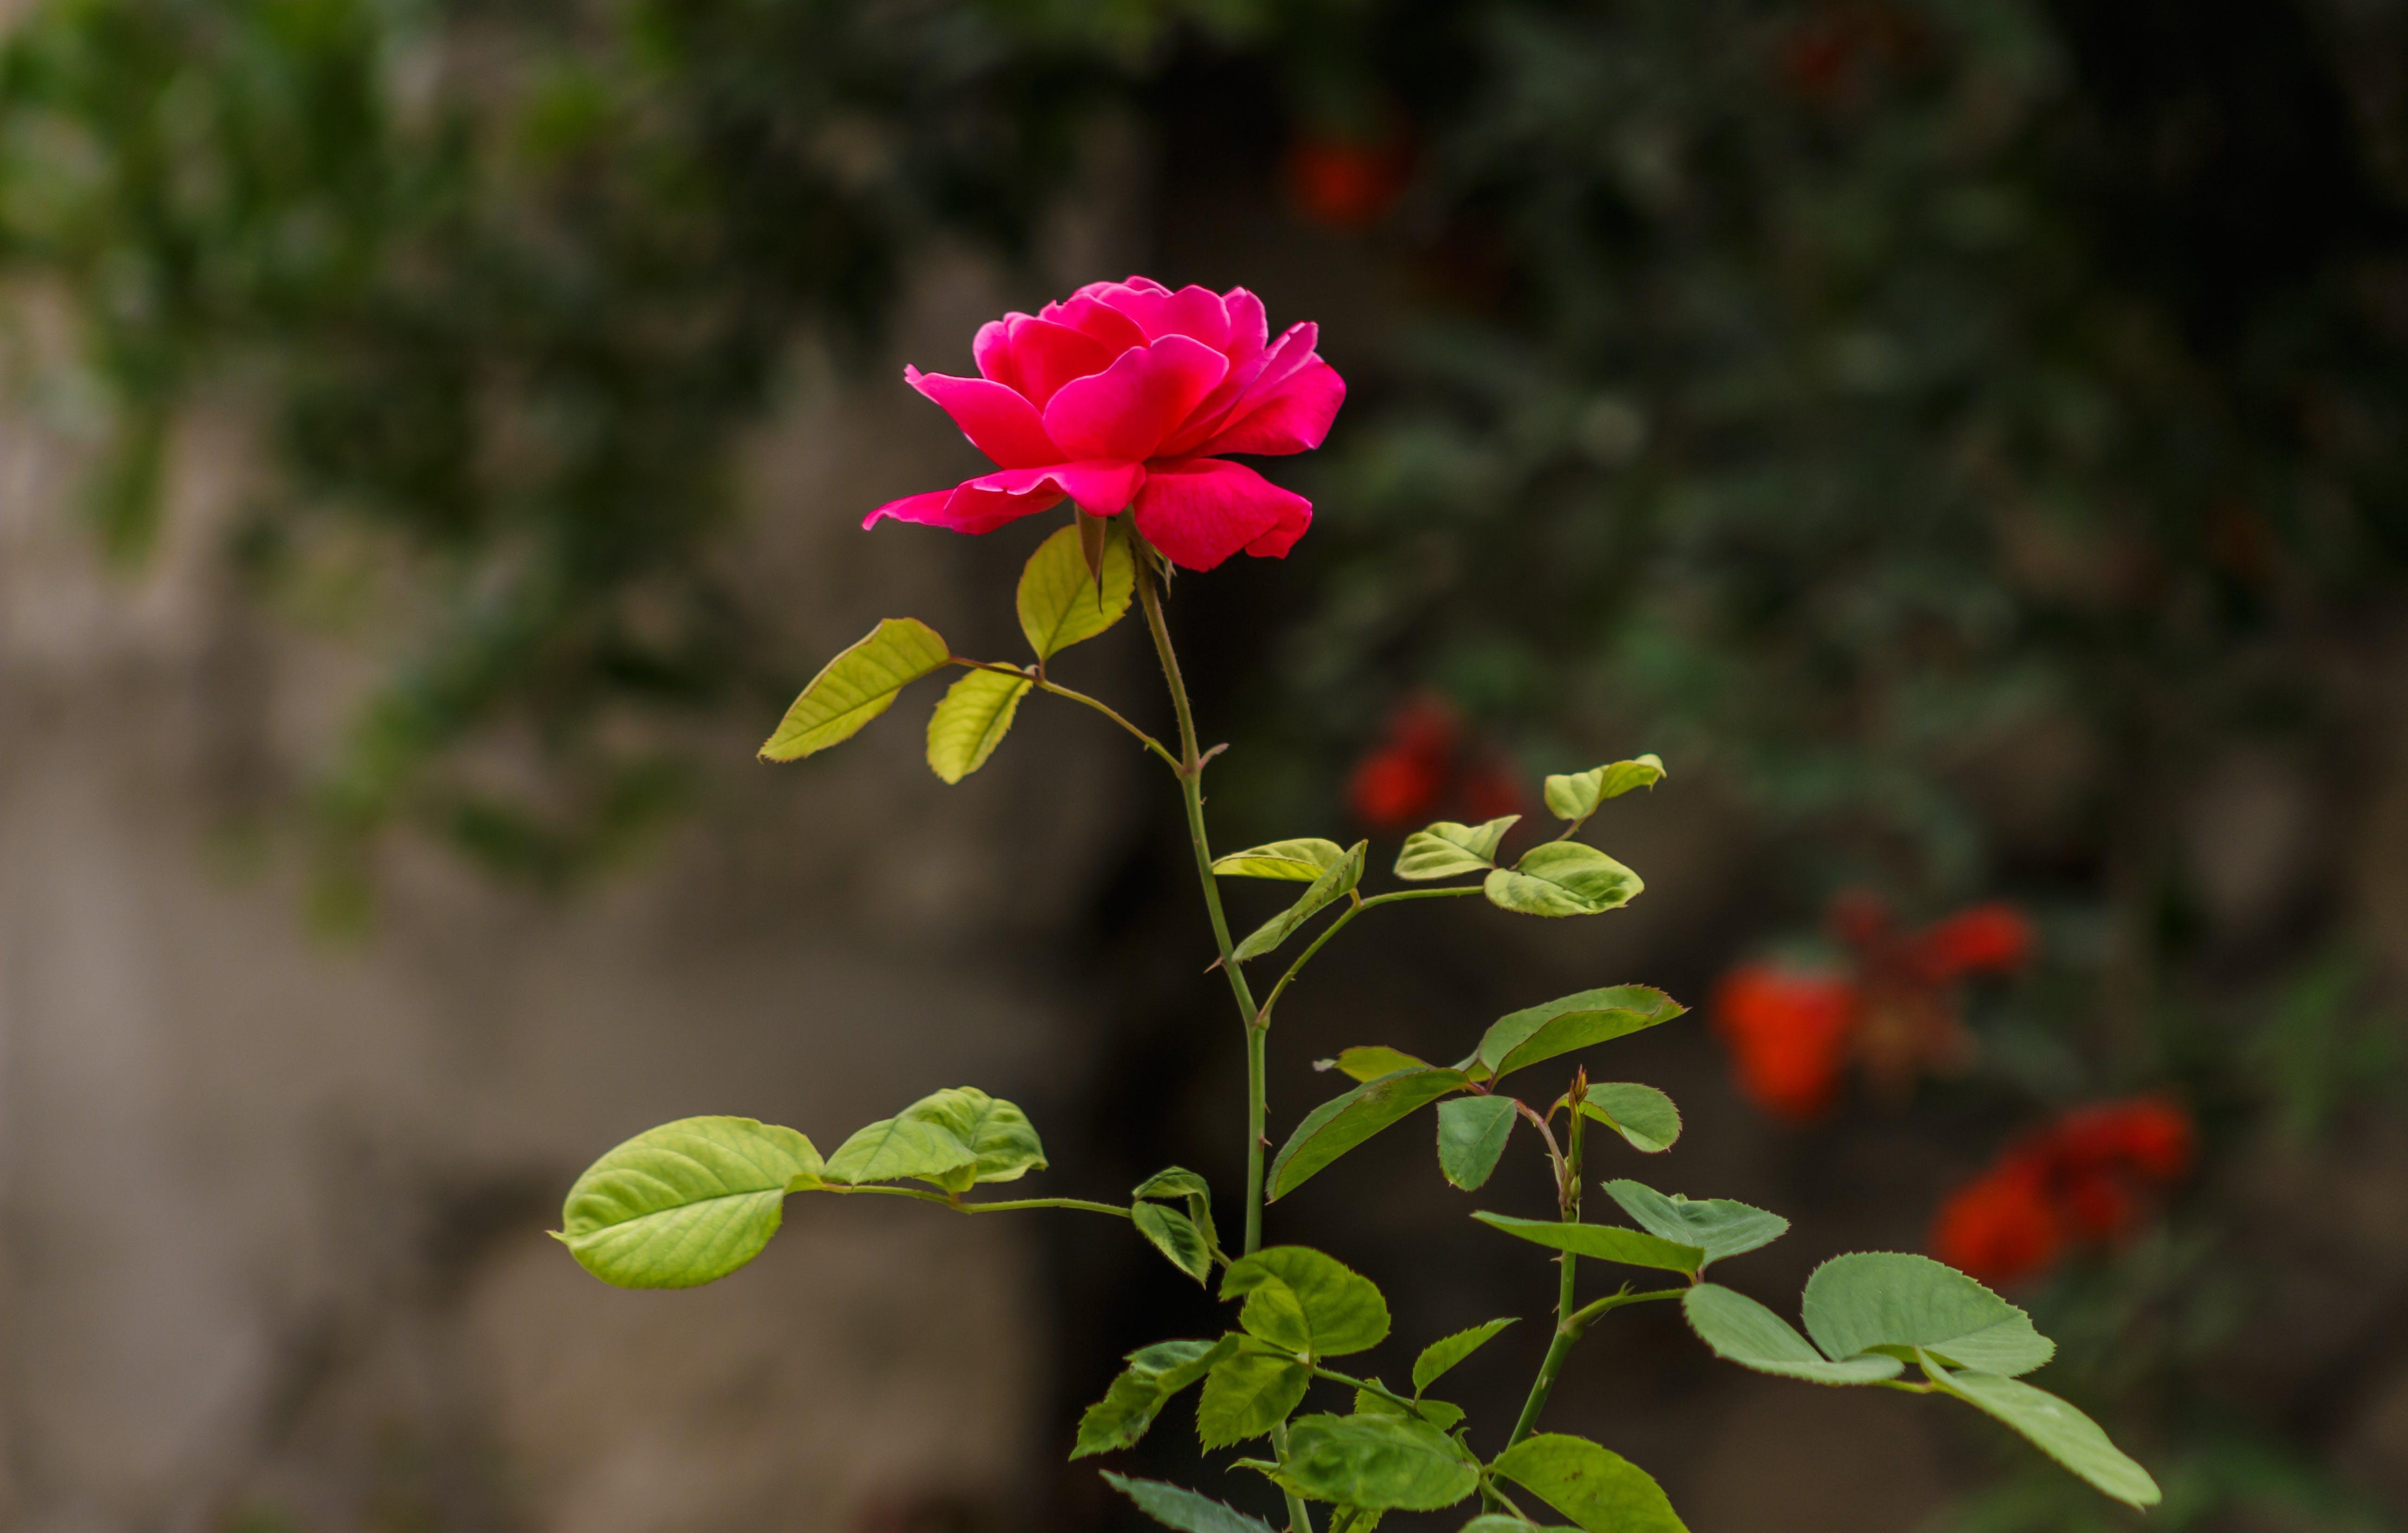 Bahçe, bitki, bitki örtüsü, çiçek içeren Ücretsiz stok fotoğraf